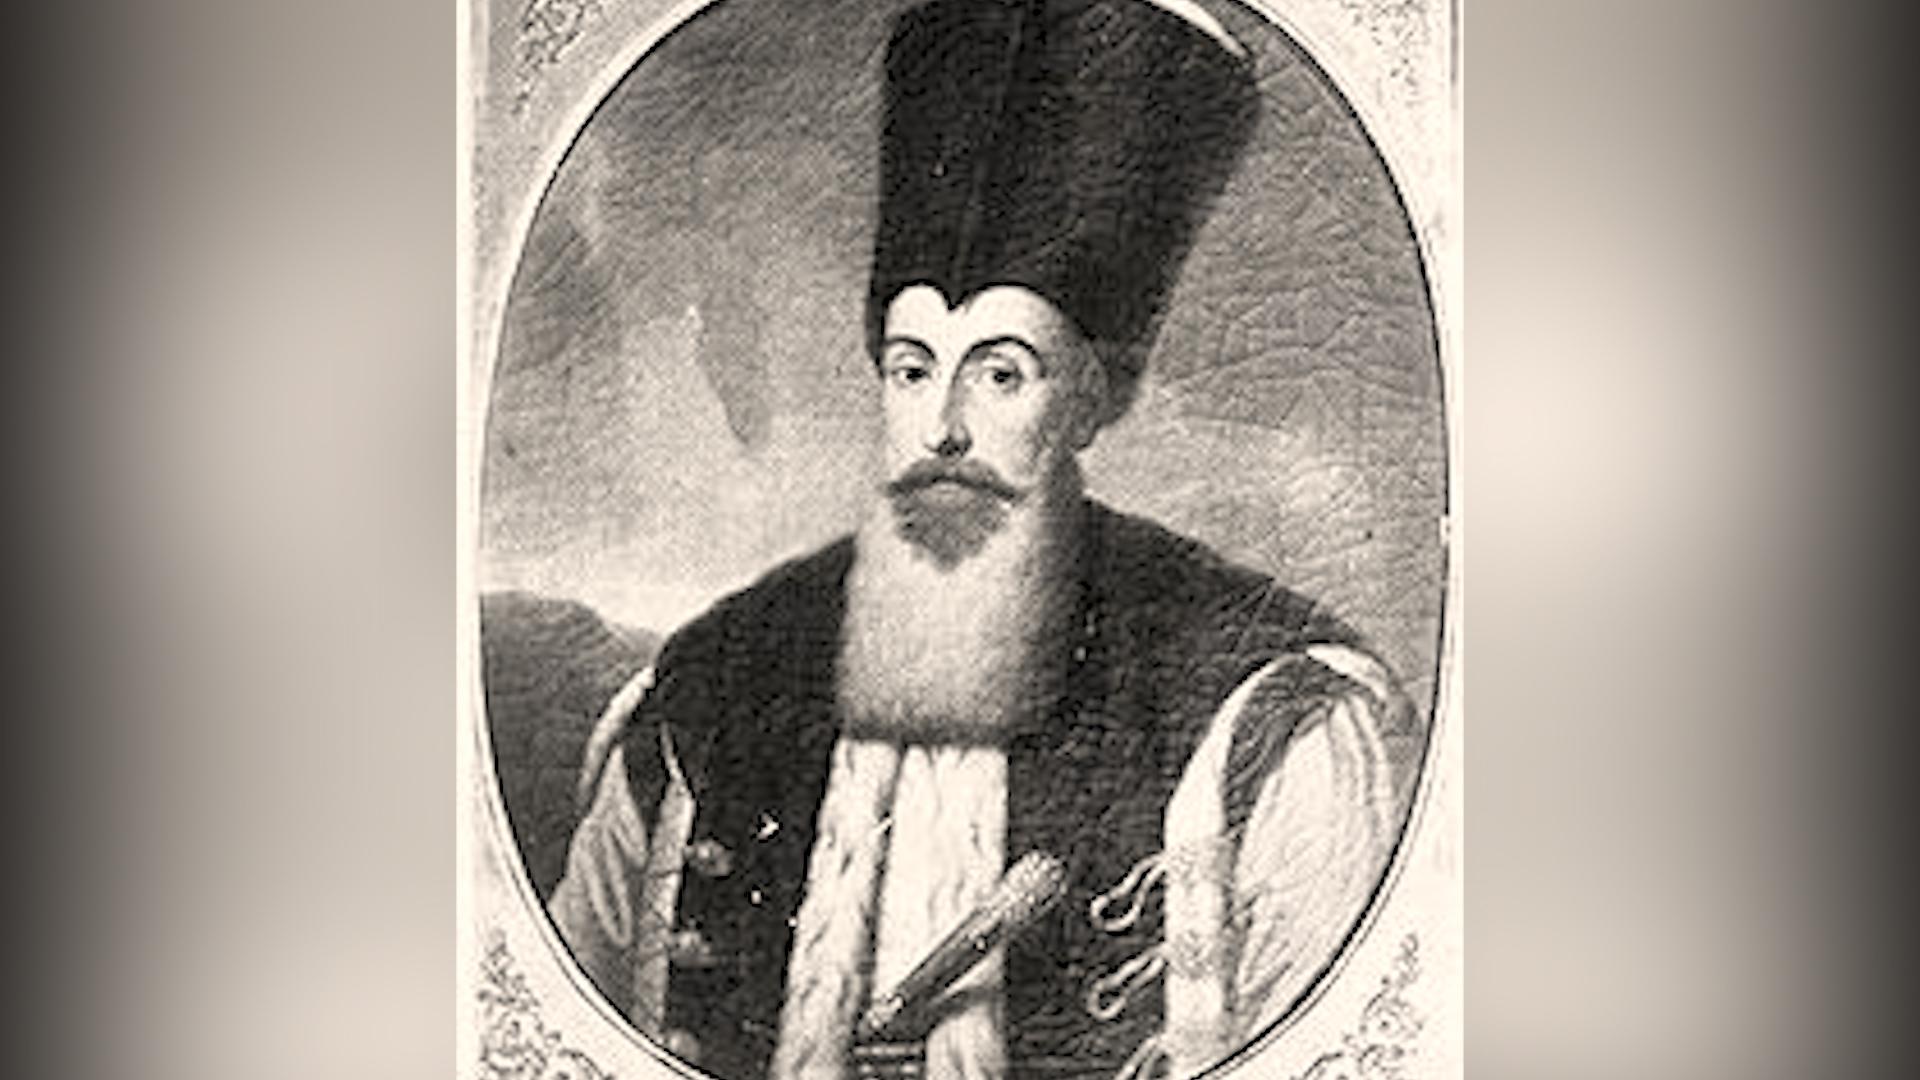 Vodă Caragea, domnitorul Țării Românești în vremea ciumei